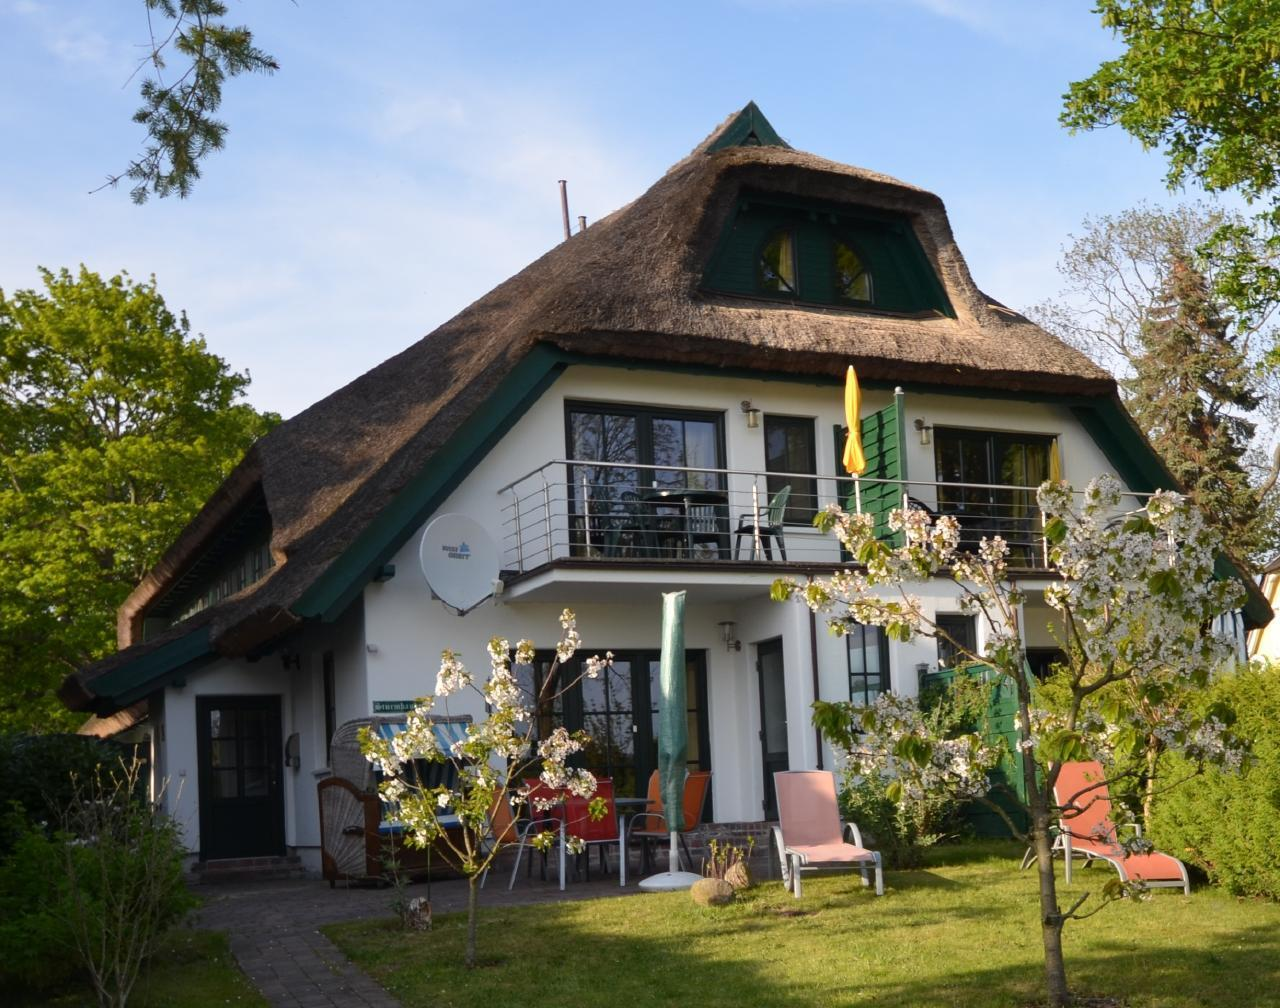 Ferienhaus Sturmhaube (127674), Groß Zicker, Rügen, Mecklenburg-Vorpommern, Deutschland, Bild 39